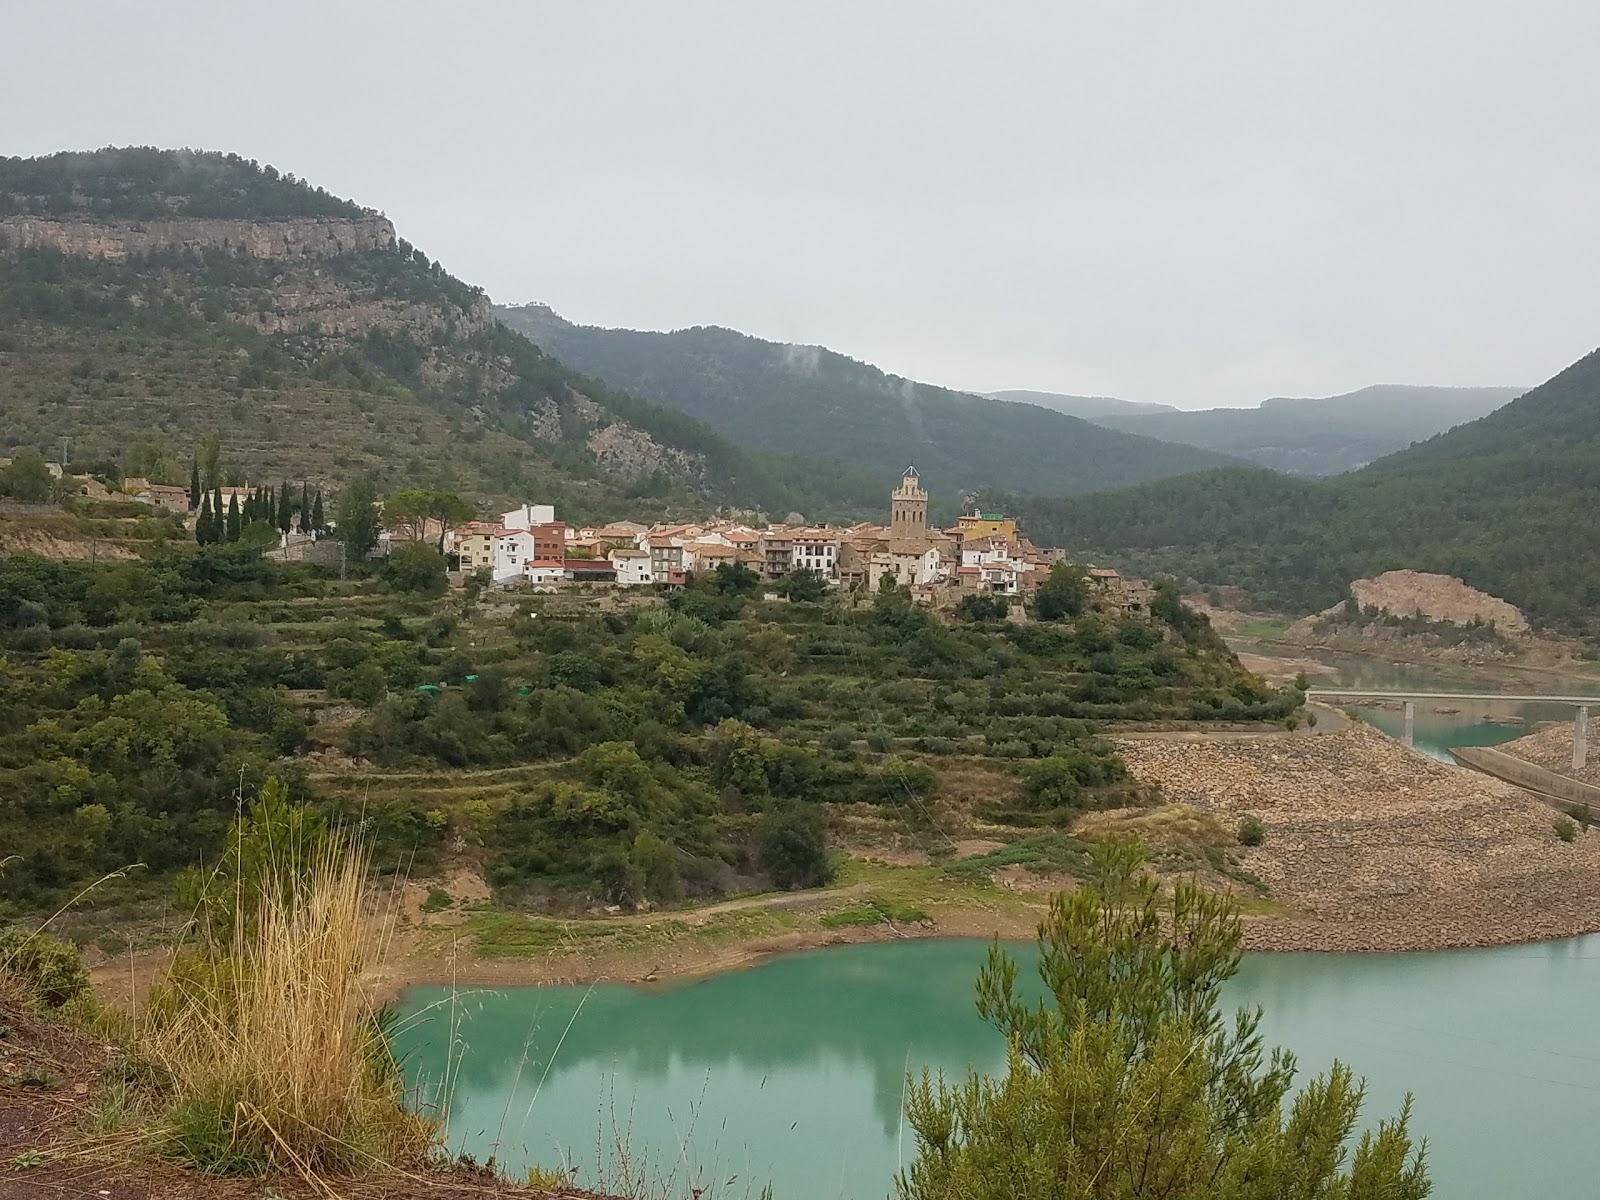 Puebla de arenoso castell n o que ver e onde dormir - Casa rural puebla de arenoso ...